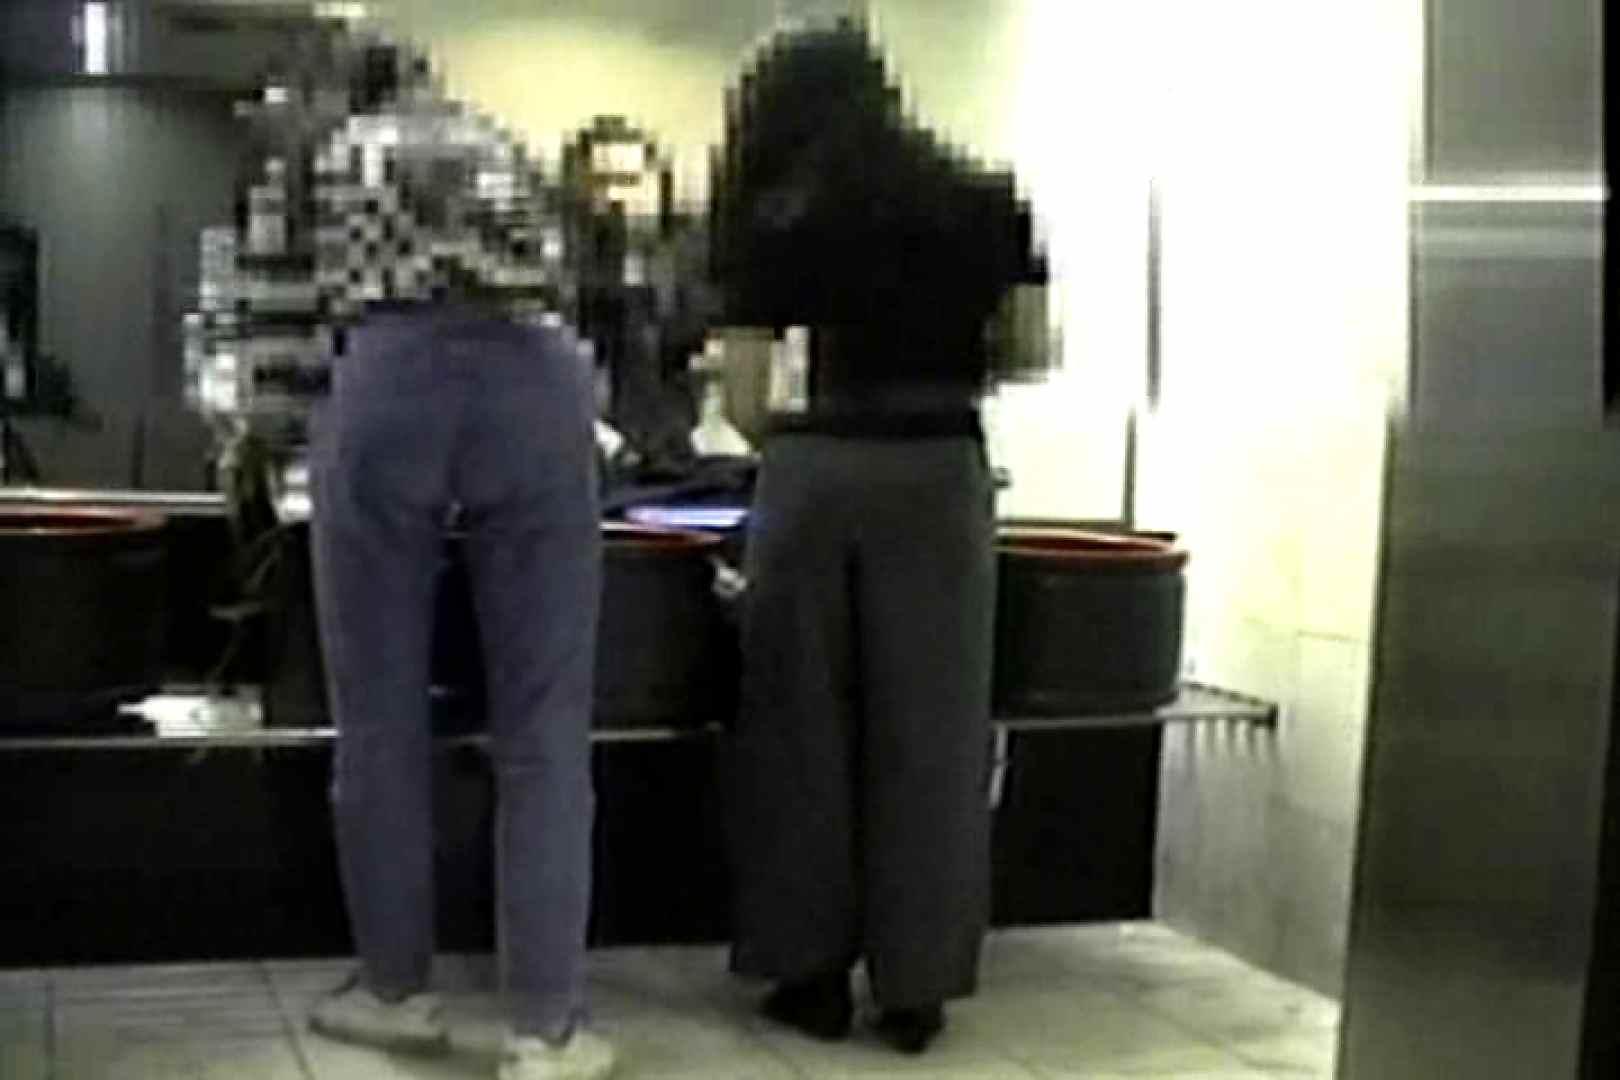 ボディコントイレで出す 投稿盗撮 TK-33 フリーハンド オマンコ動画キャプチャ 34連発 13